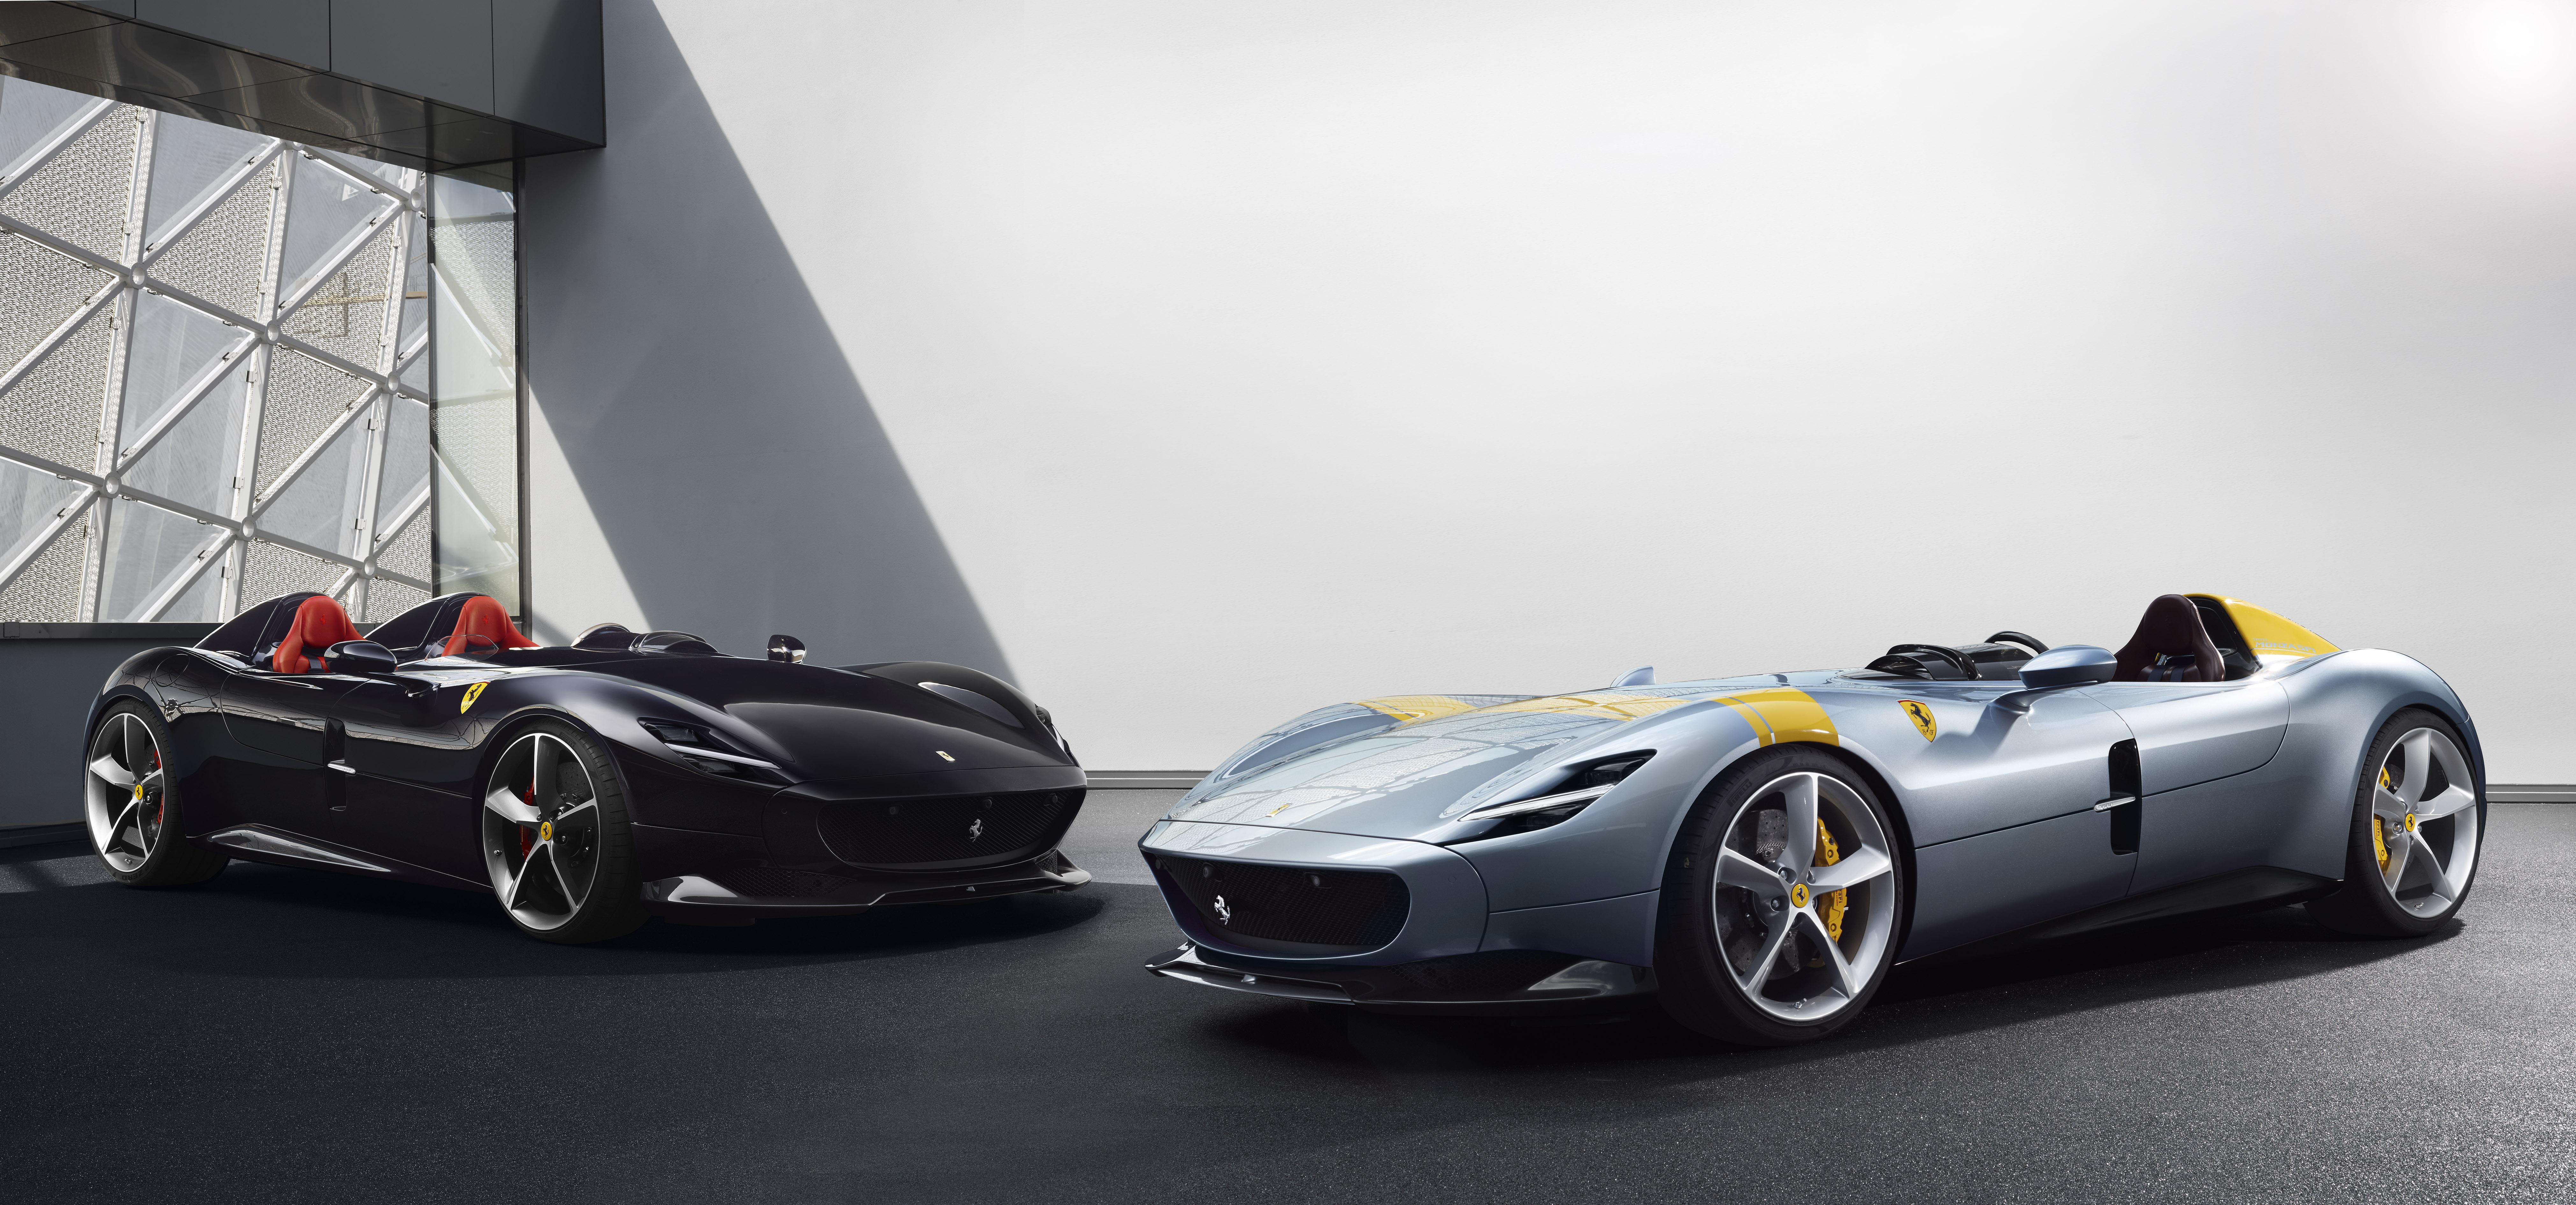 """Ferrari Monza SP1 e SP2: as """"barquettas"""" estão de regresso"""